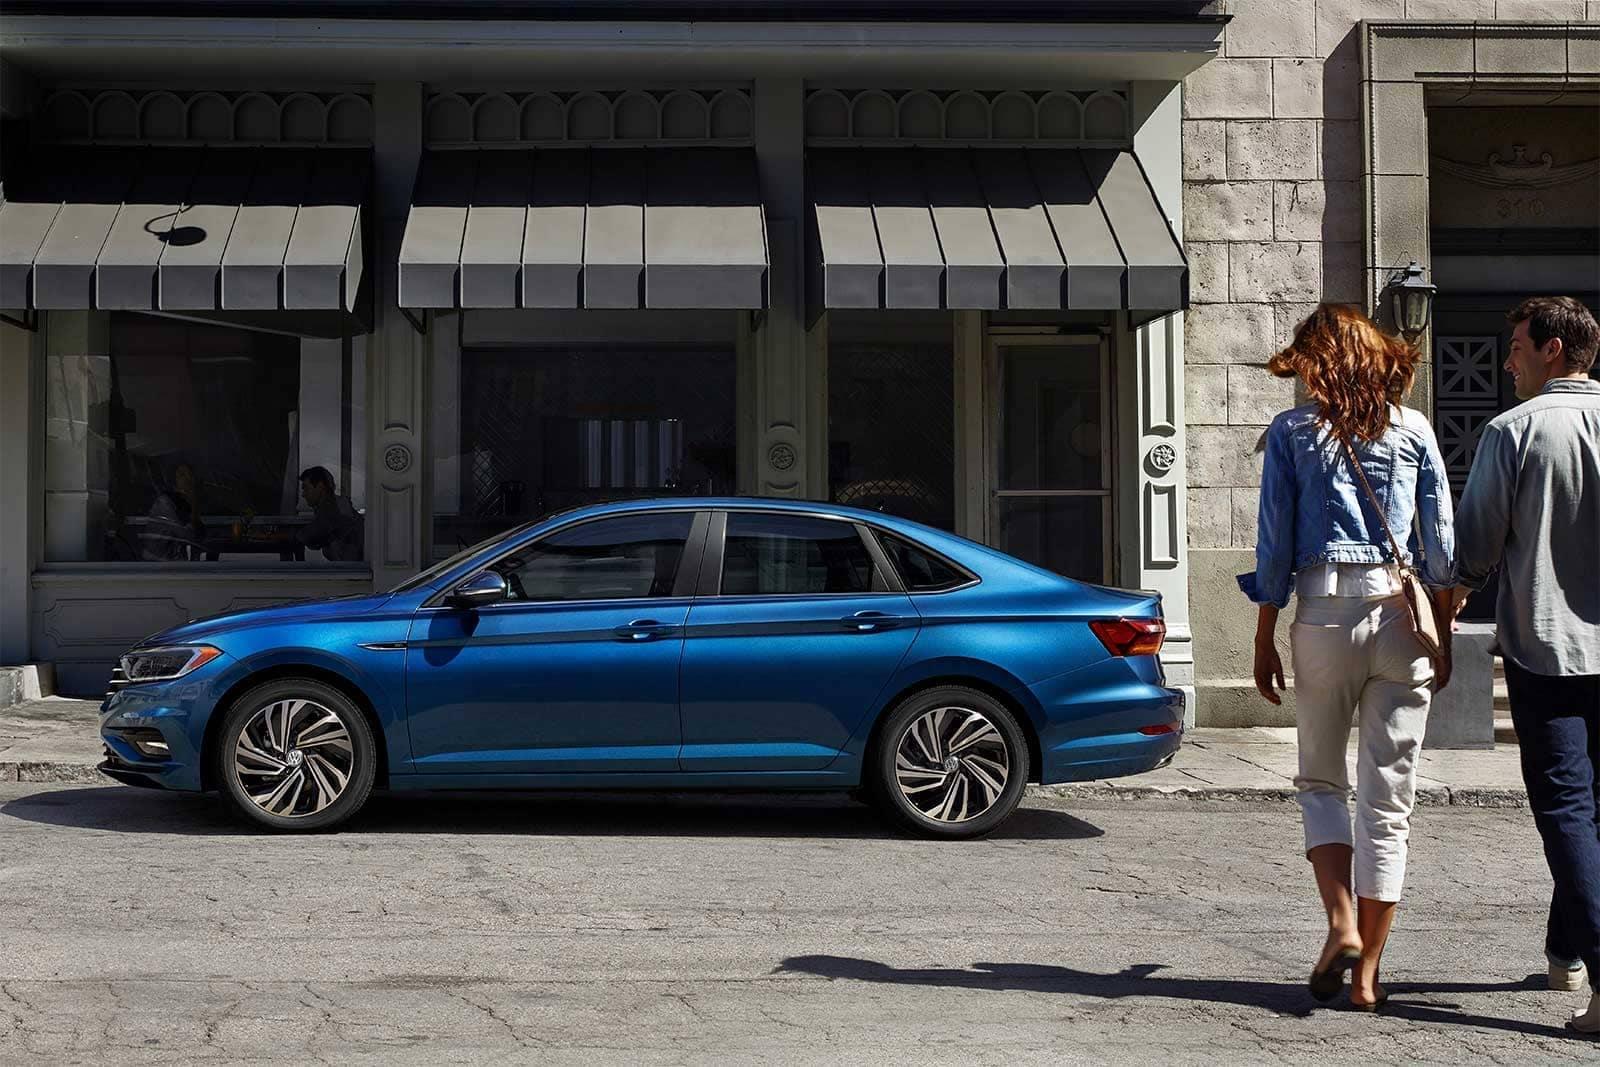 2019 Volkswagen Jetta Parked